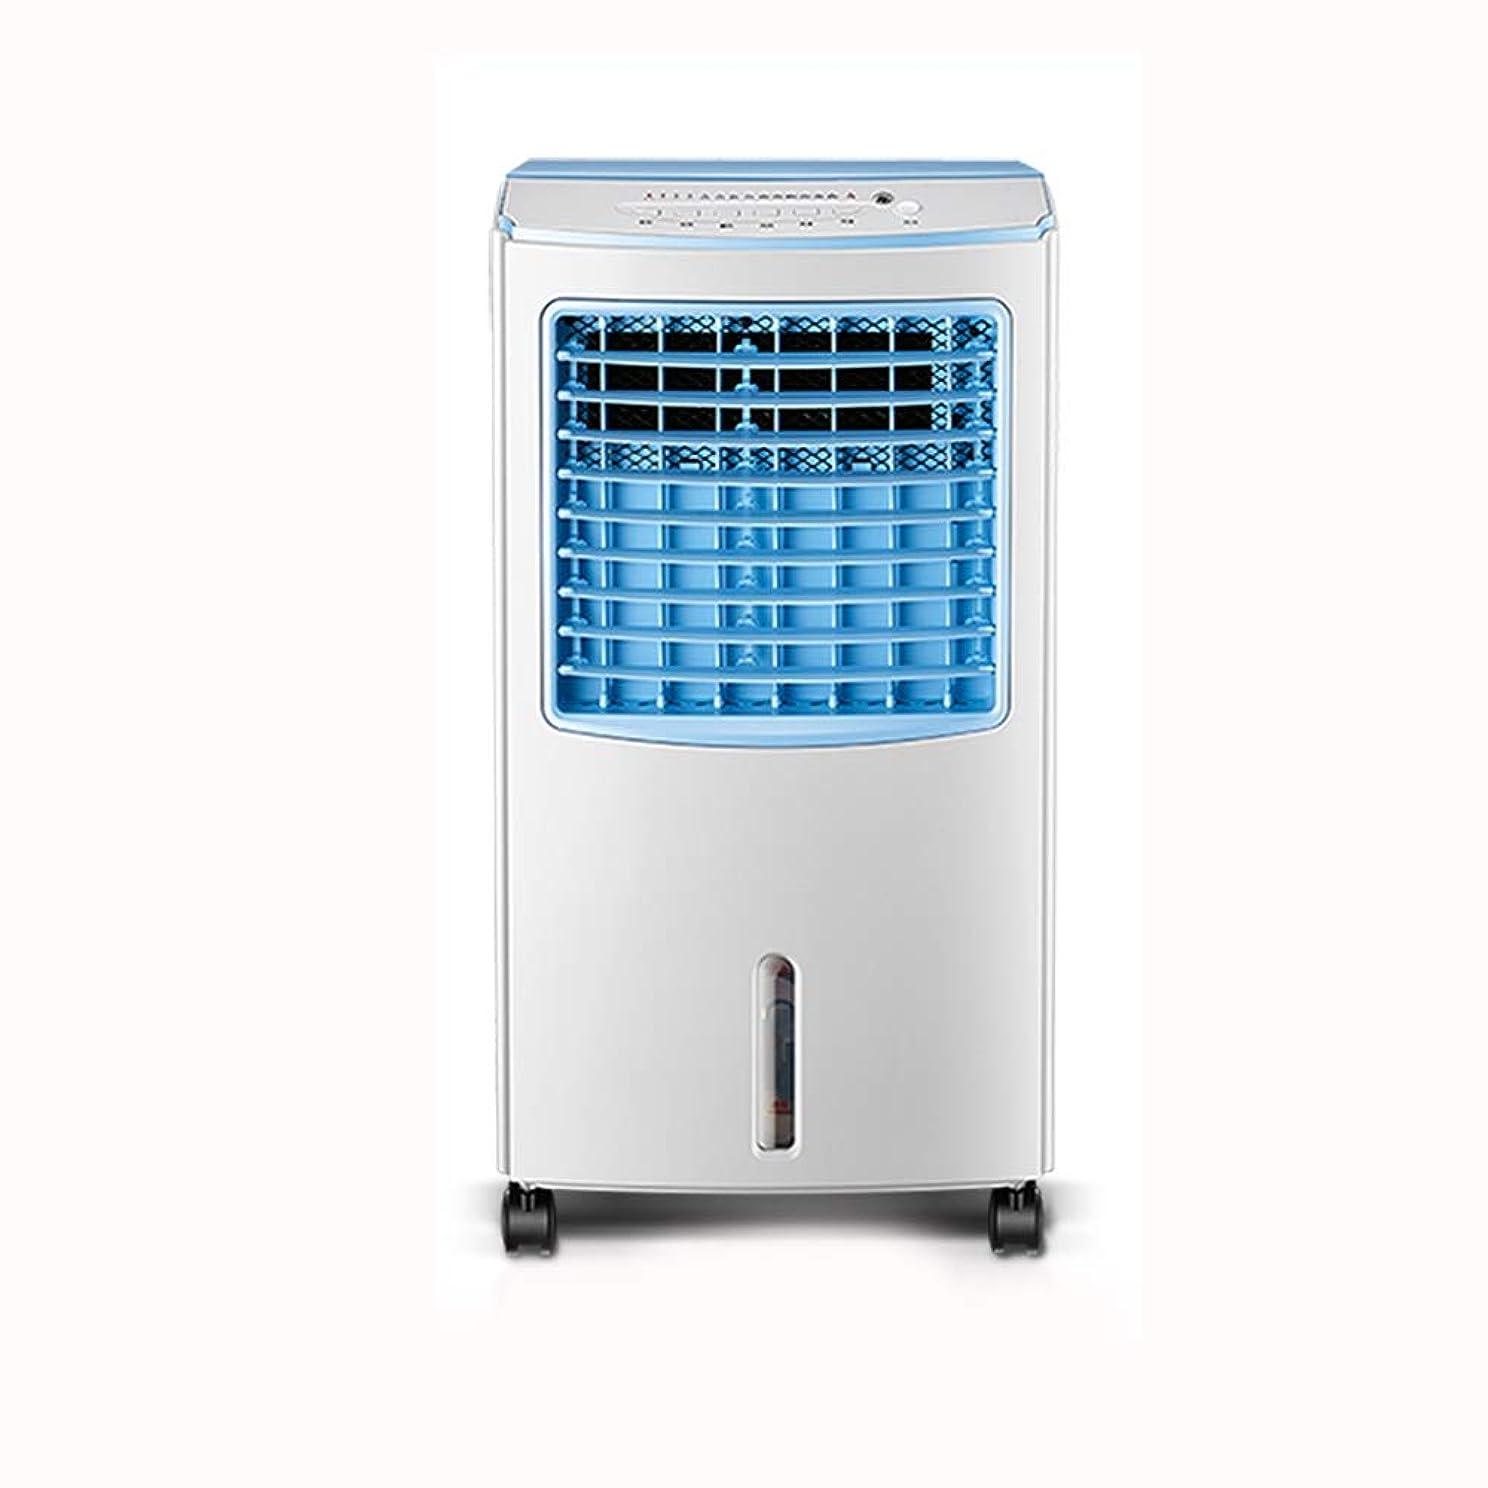 リングレット拡大する多様性YYSD 青と白のポータブルエアコン/リモコン北極空気ファン/携帯用空気クーラー/家庭用加湿器